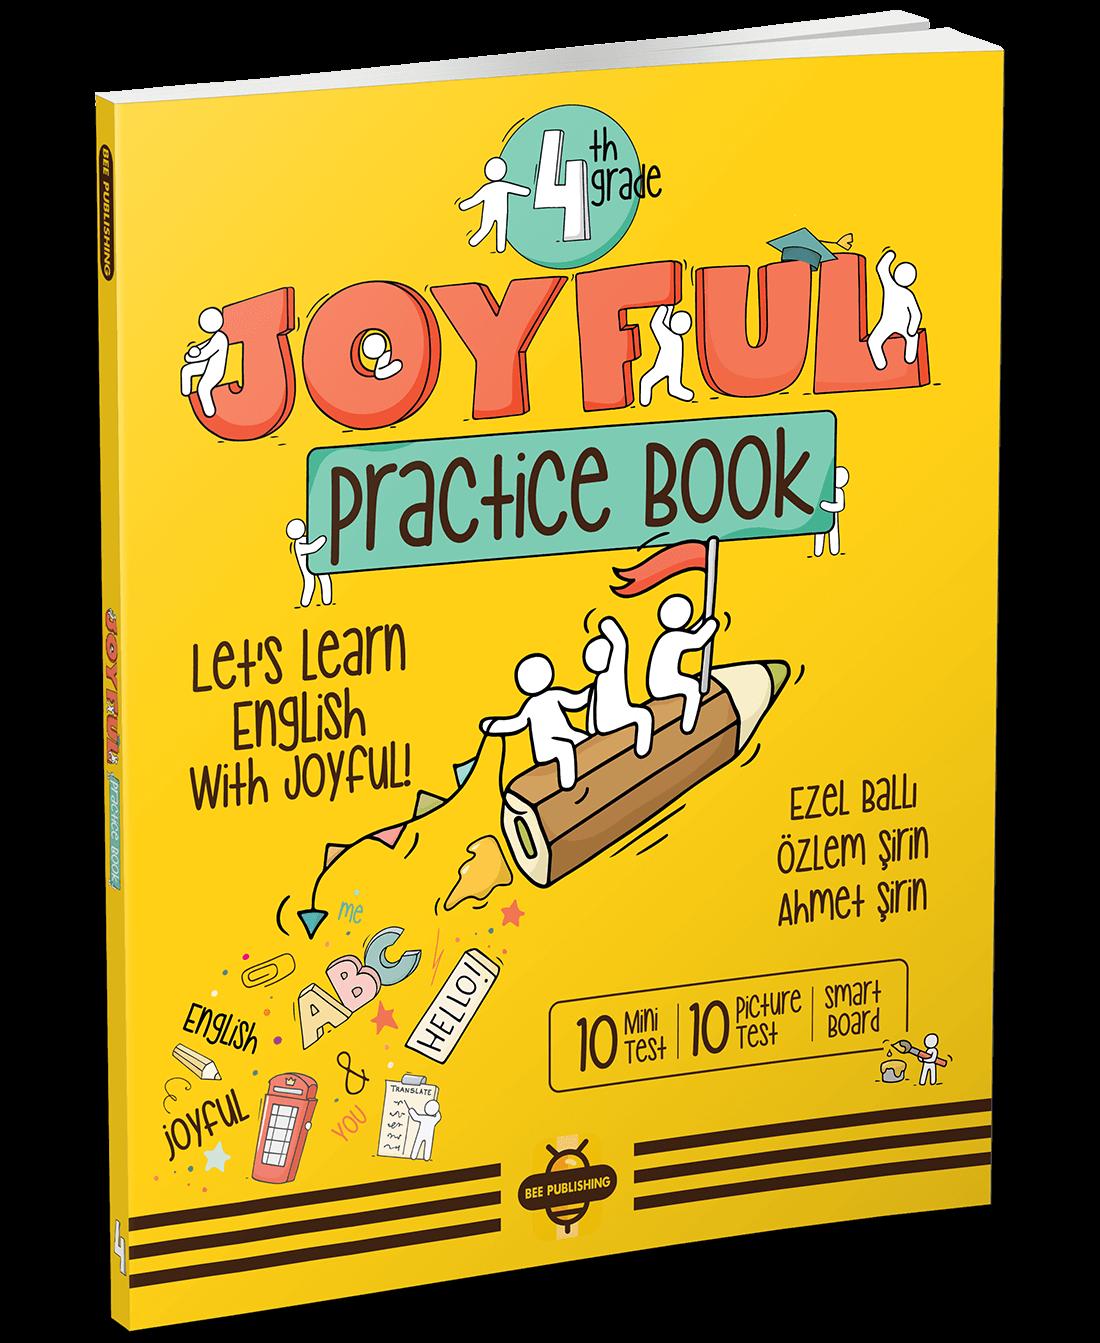 Joyful Practice Book 4. Sınıf